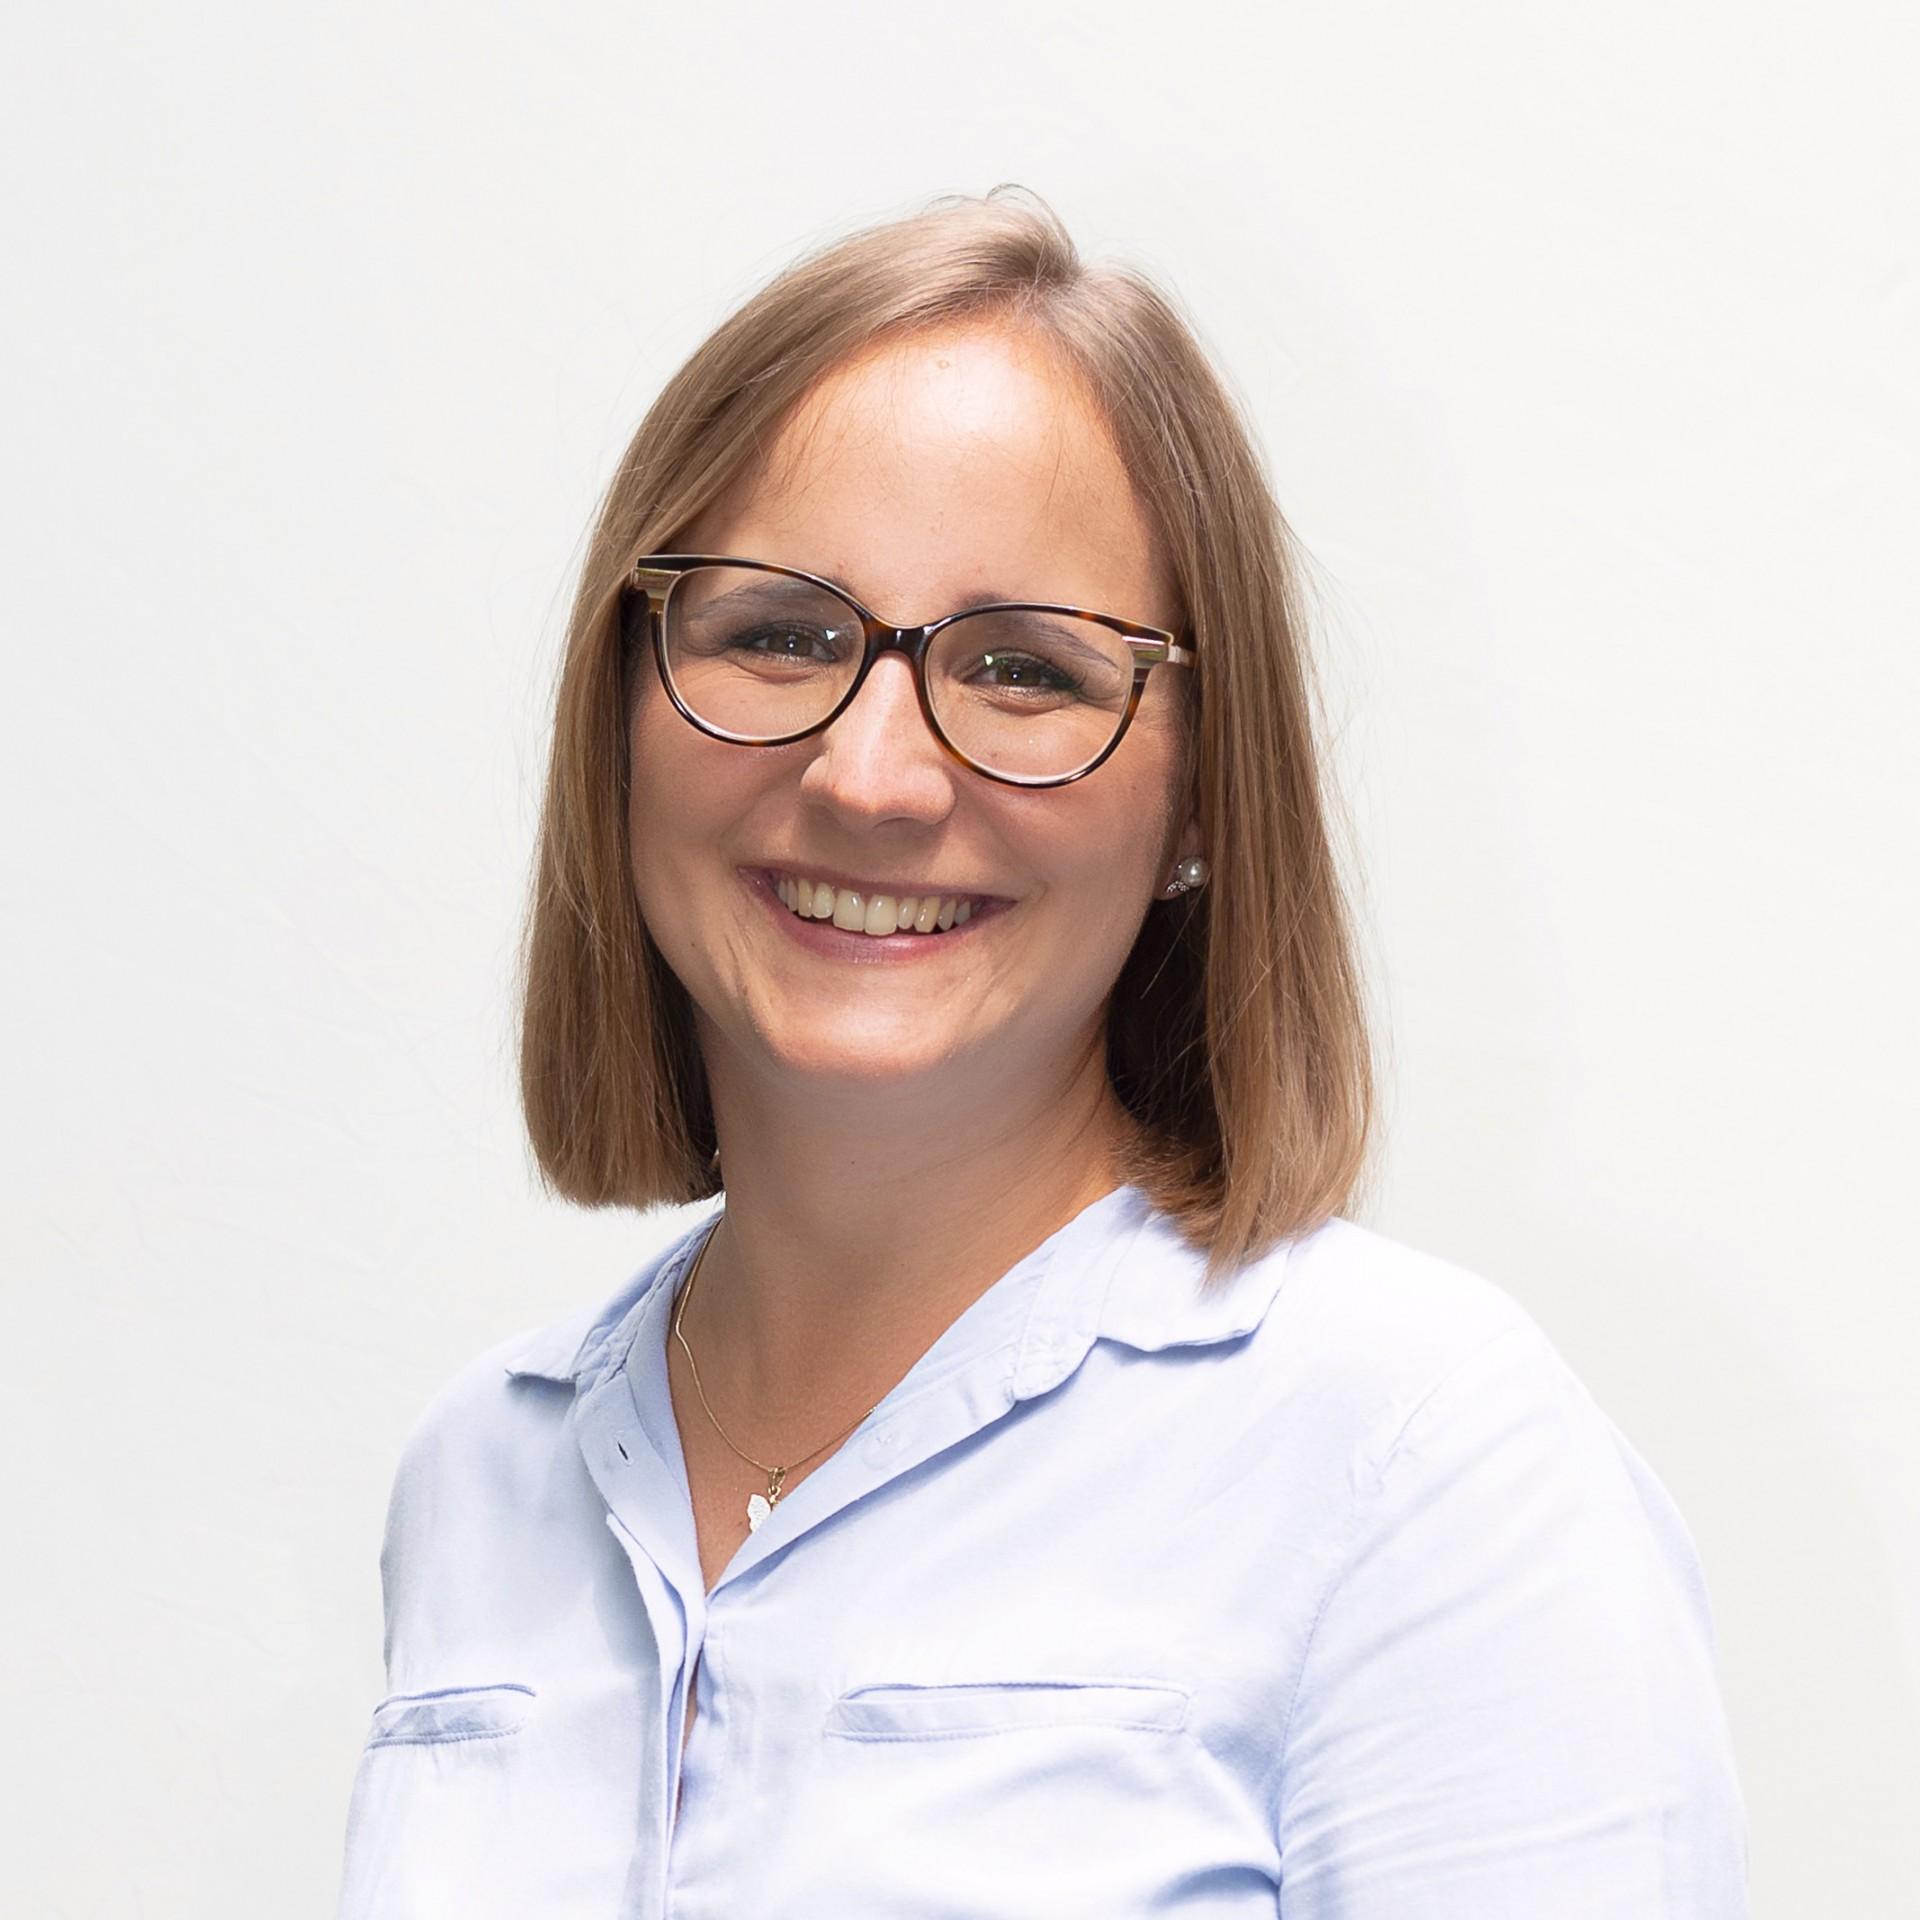 Julie Kowalski